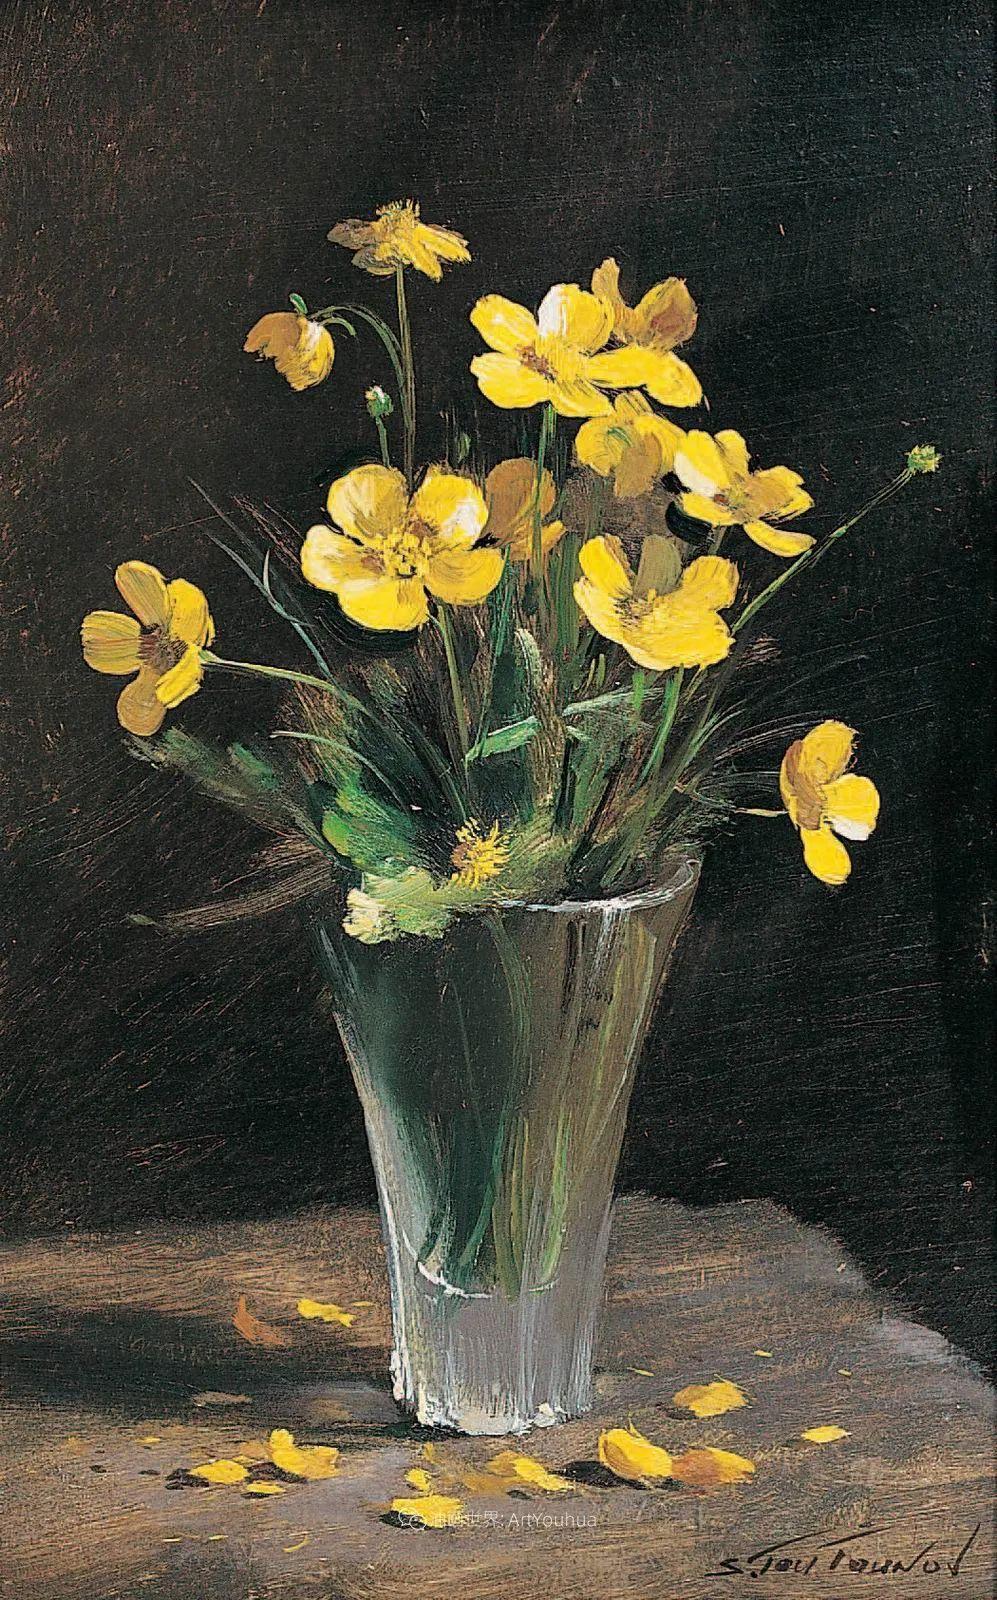 花香袭人,绚丽多彩!俄罗斯画家谢尔盖·图图诺夫插图15